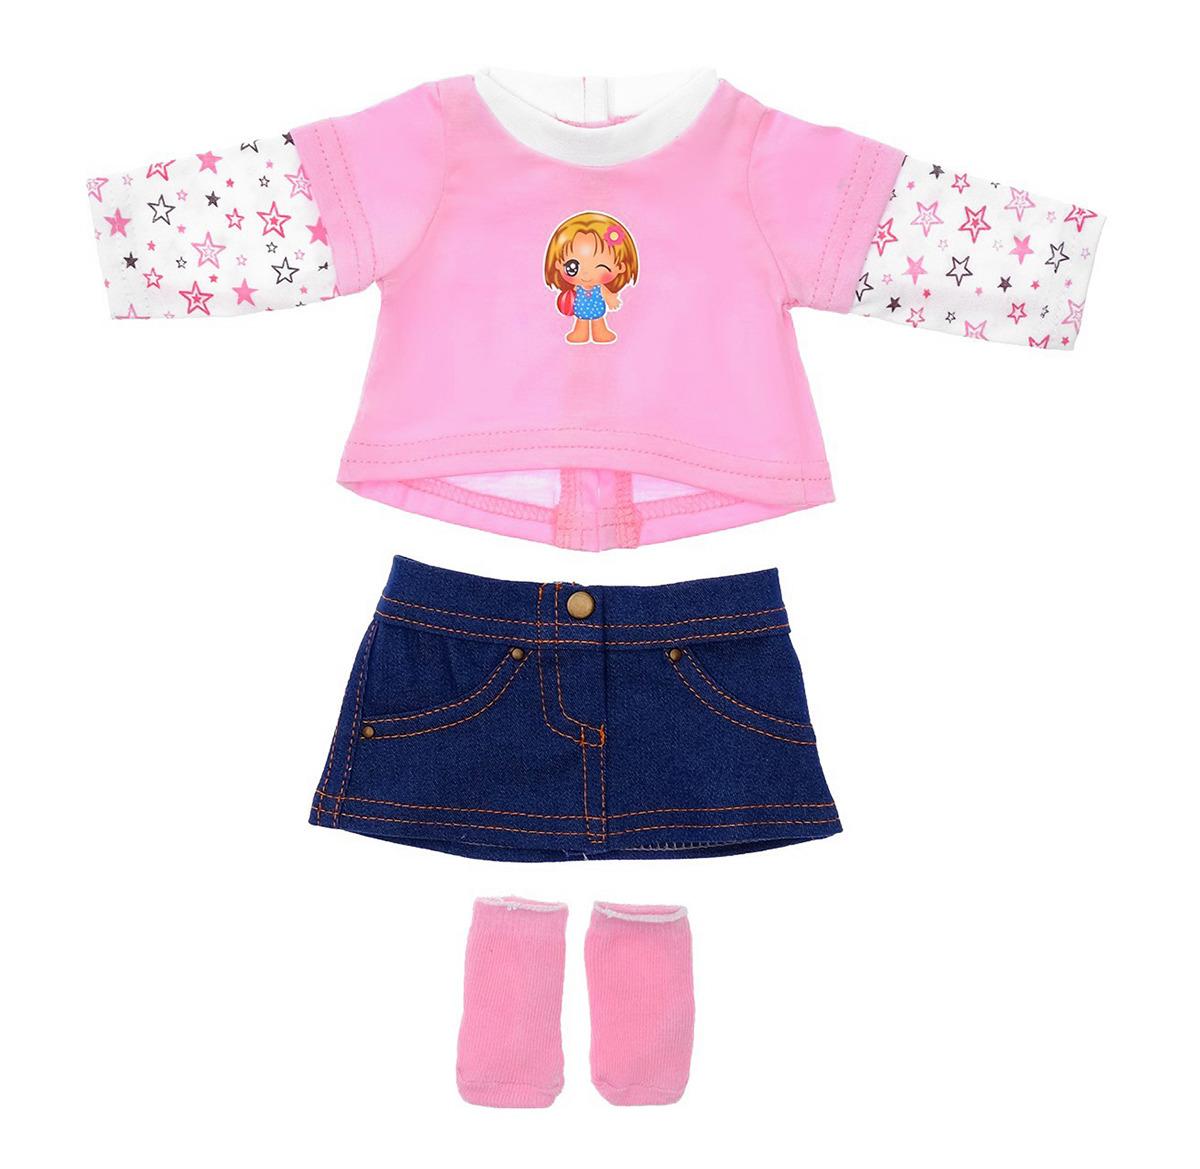 Одежда для кукол КуклаПупс Комплект: юбка, носочки, джемпер, 36664393666439Игры с куклами открывают огромный простор для фантазии. Сюжеты можно придумывать самые разные: от рисковых приключений до волшебных балов. Но ничего не получится, если на модели будет неподходящий наряд!